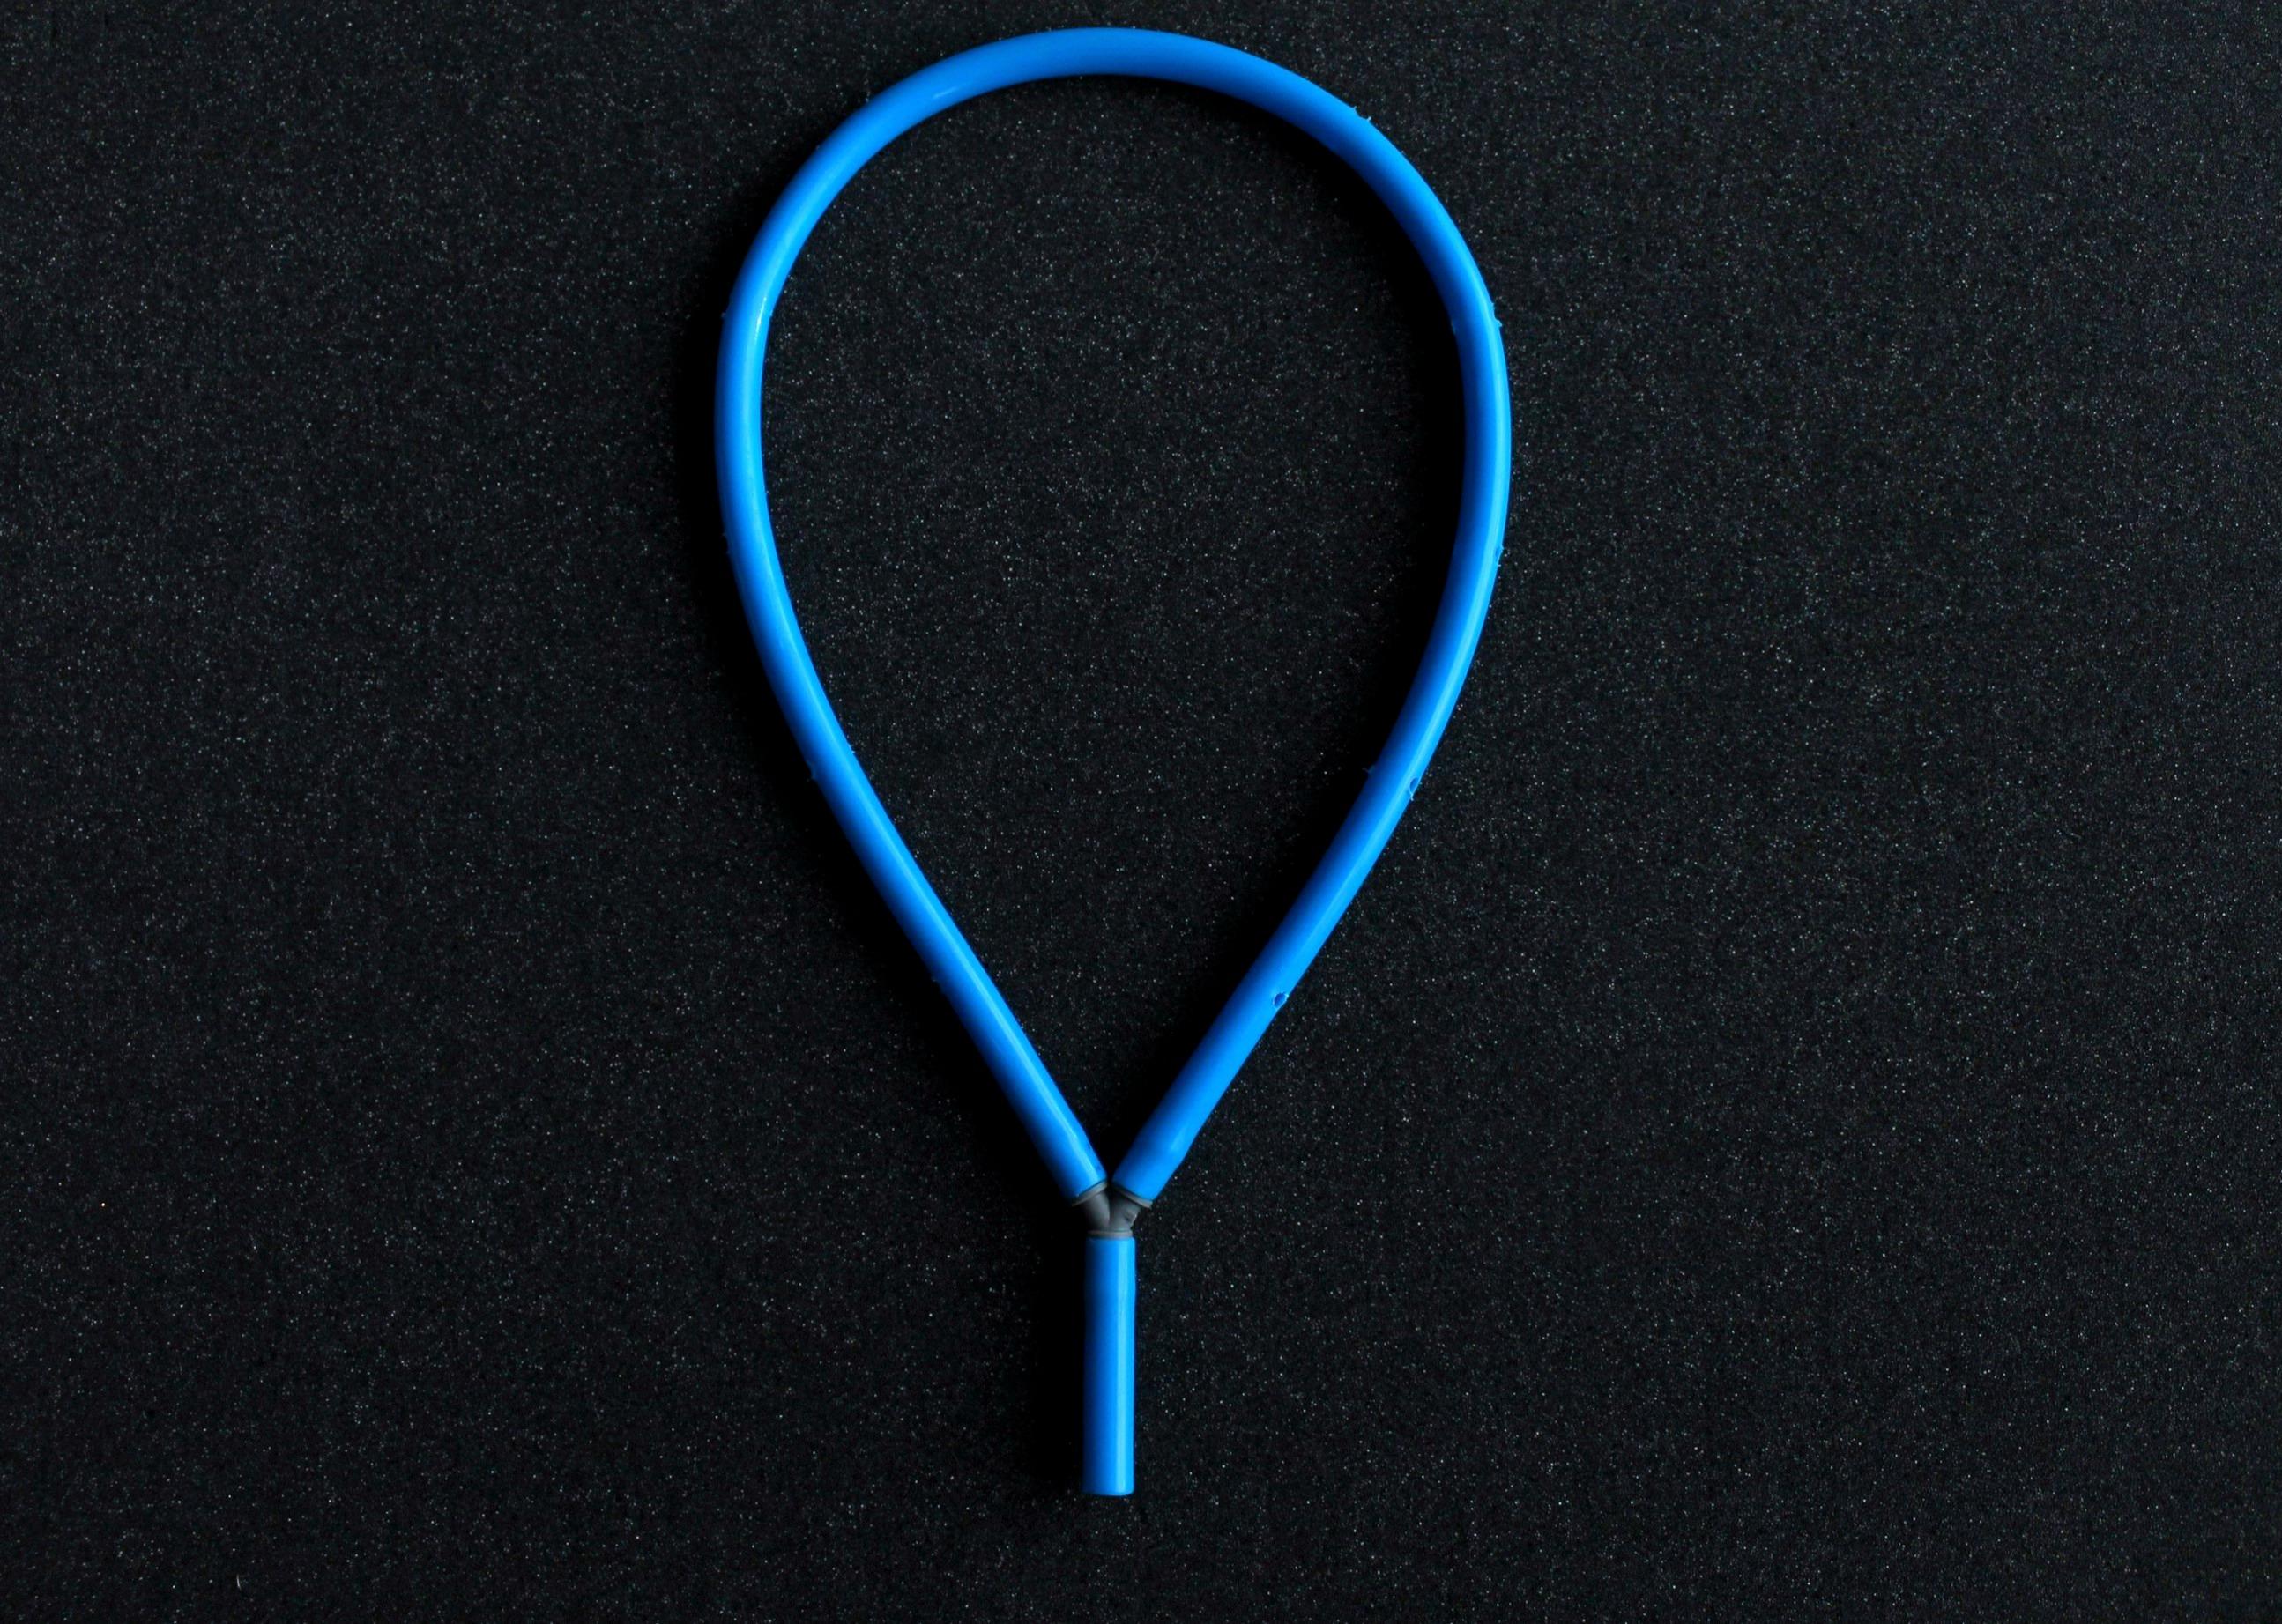 Balloon Diffuser Insert